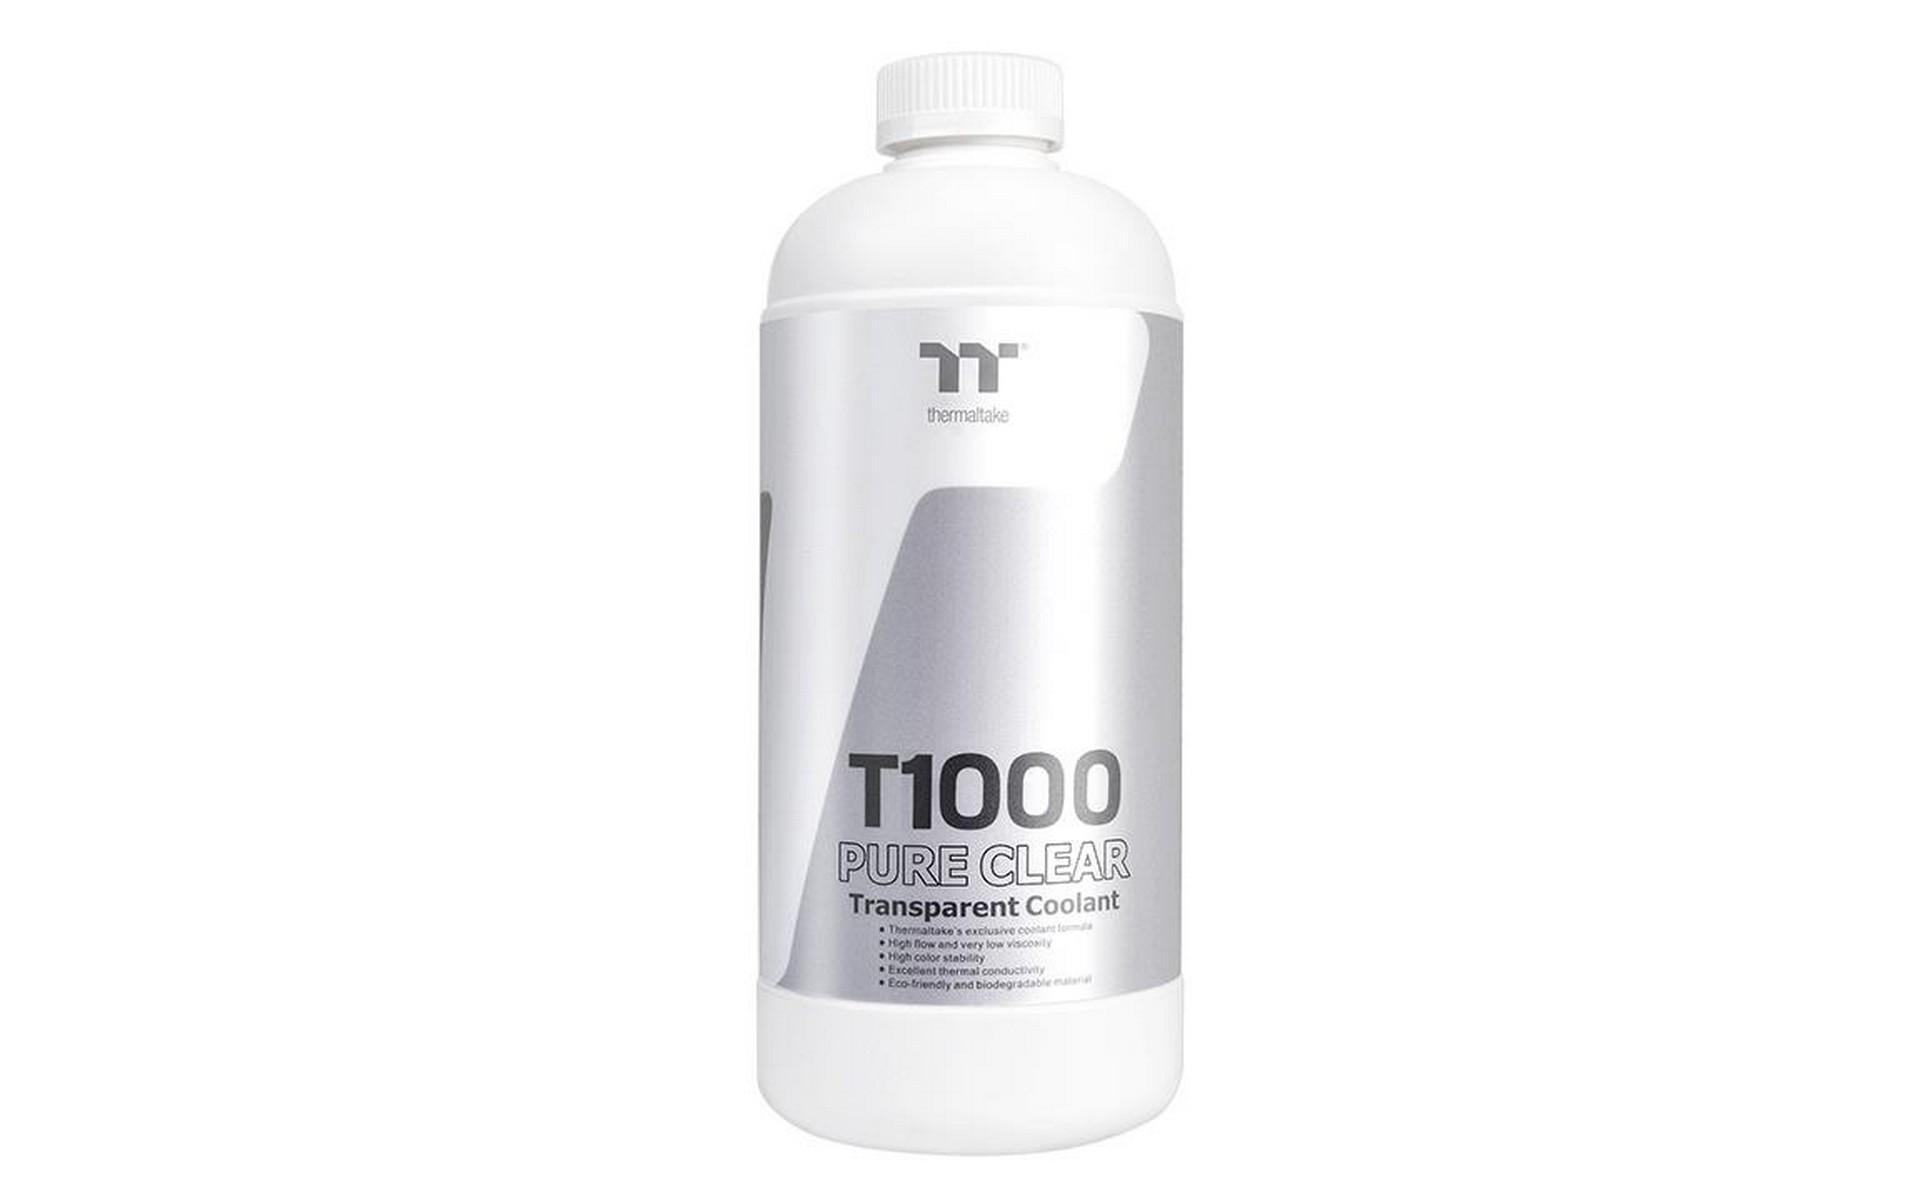 Chất làm mát trong suốt T1000 - Tinh khiết trong suốt